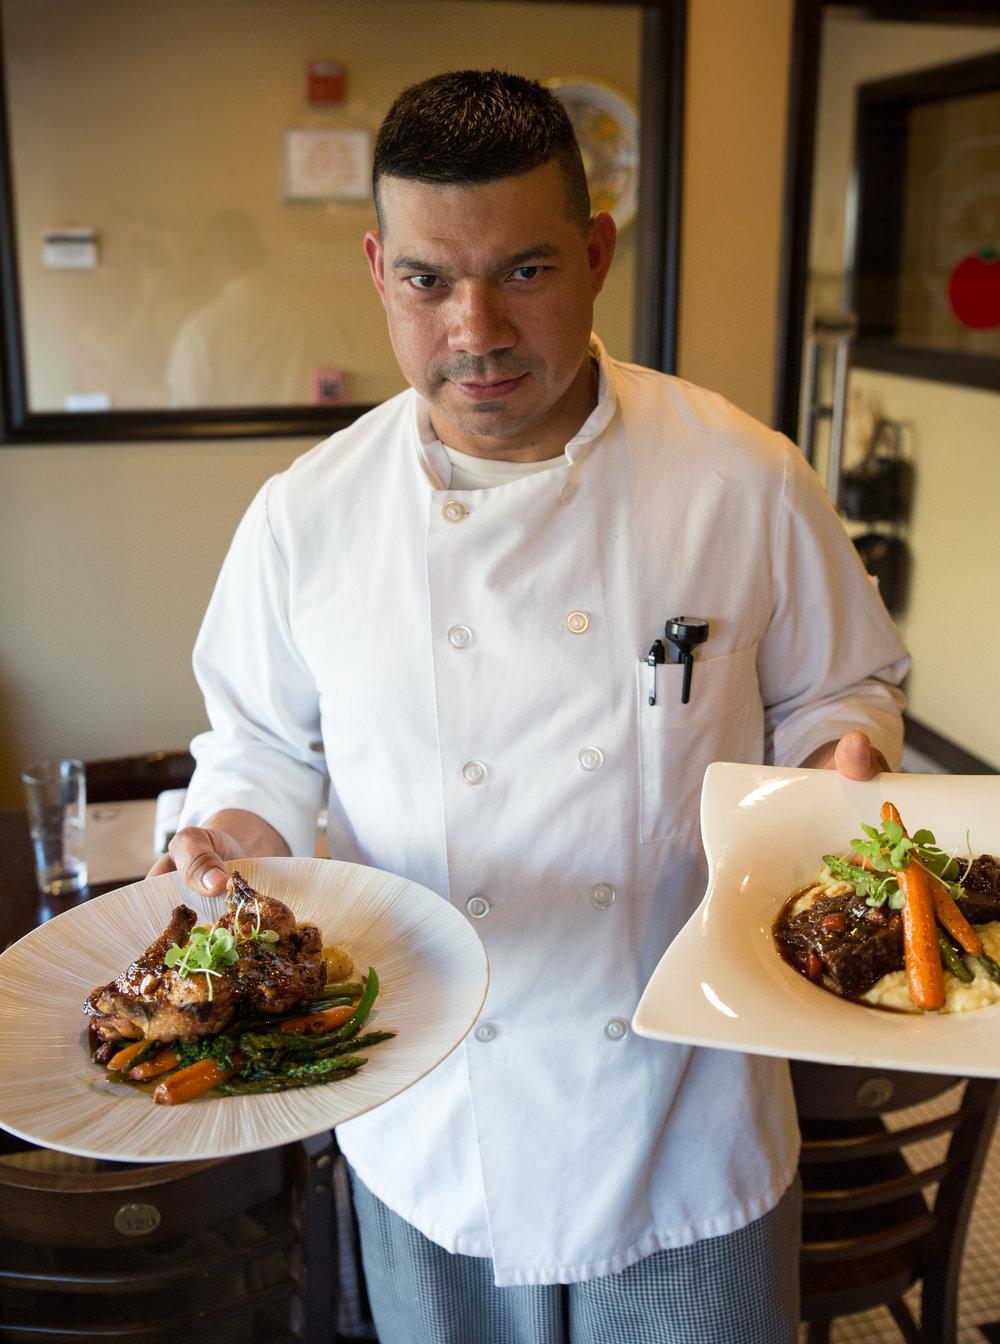 Chef Elmer Veraccio shows off two enticing entrees, the Pollo Alla Diavola and the Brasato Al Barolo.